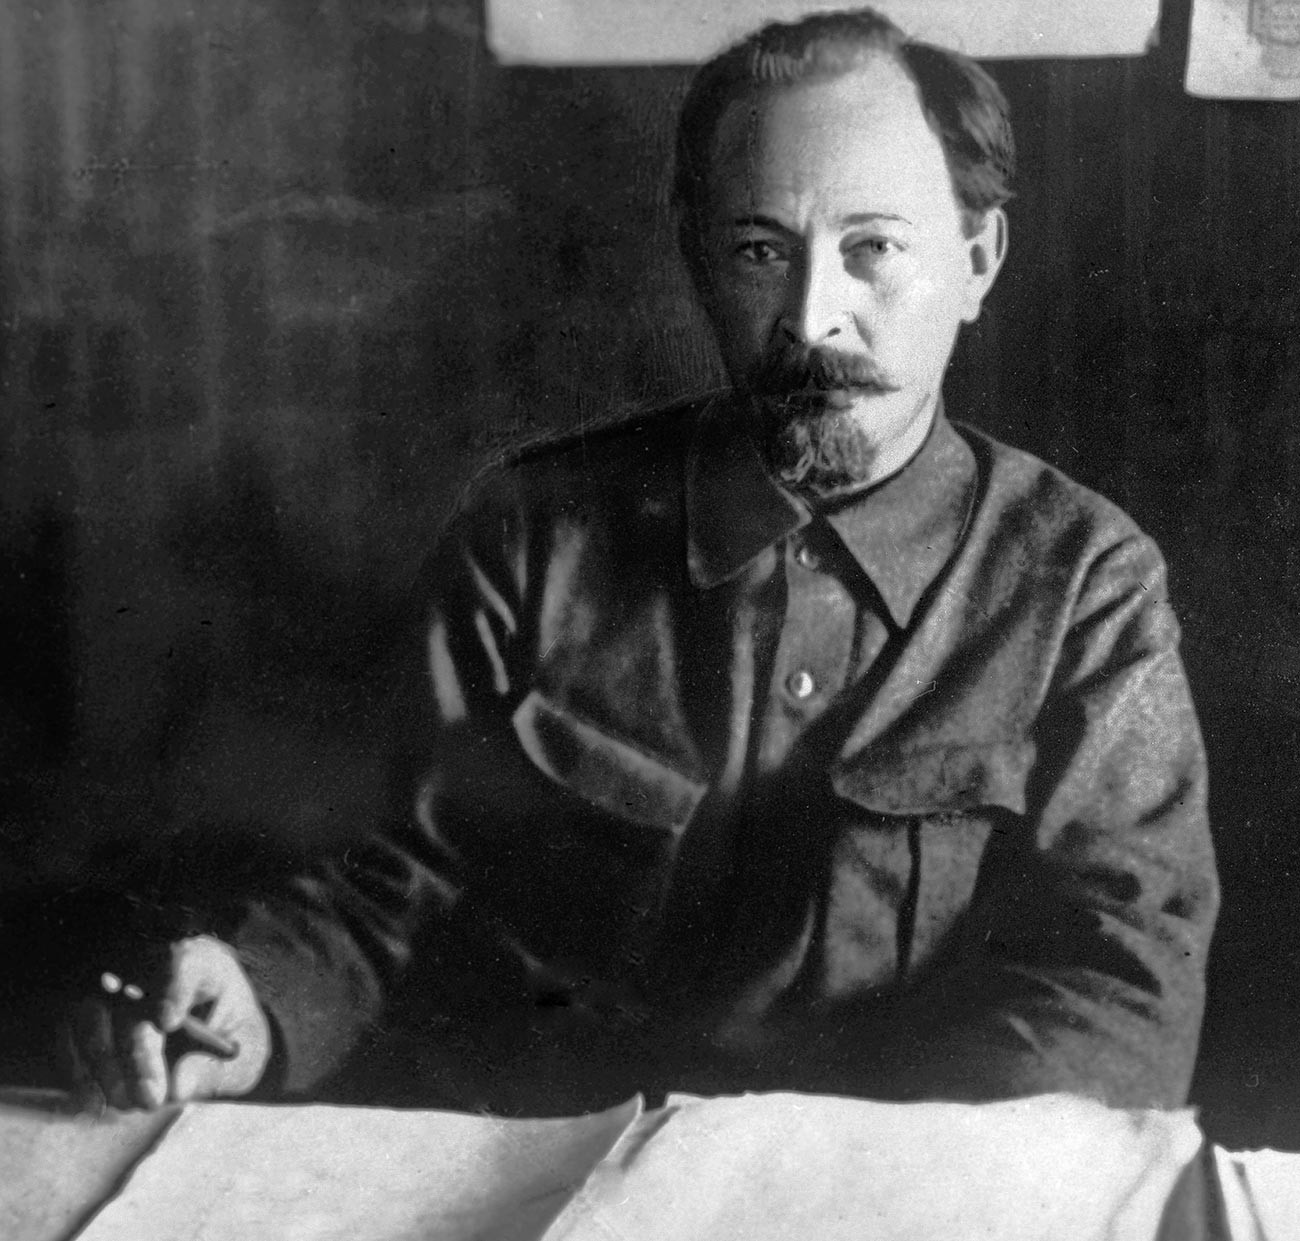 Felix Dserschinskij